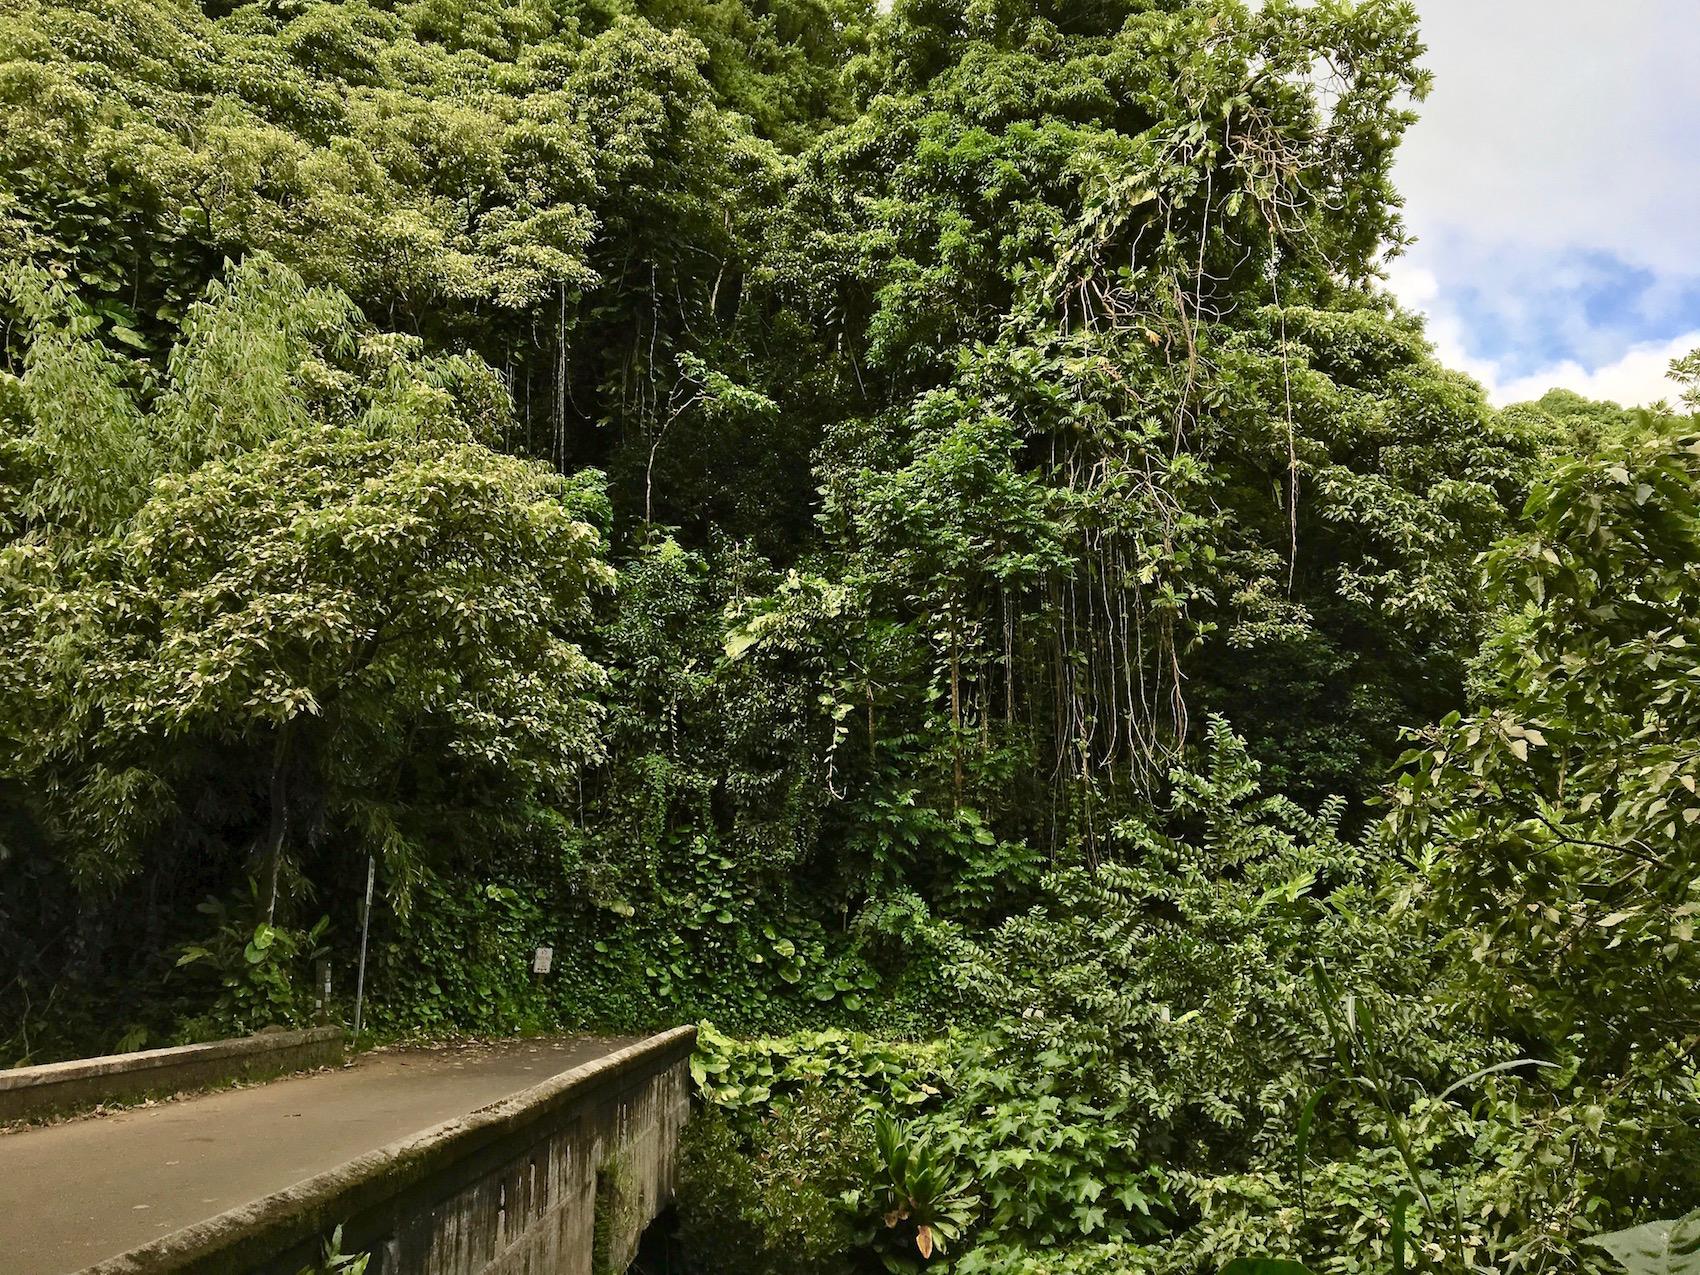 I ponti di pietra della Road to hana di Maui - Hawaii